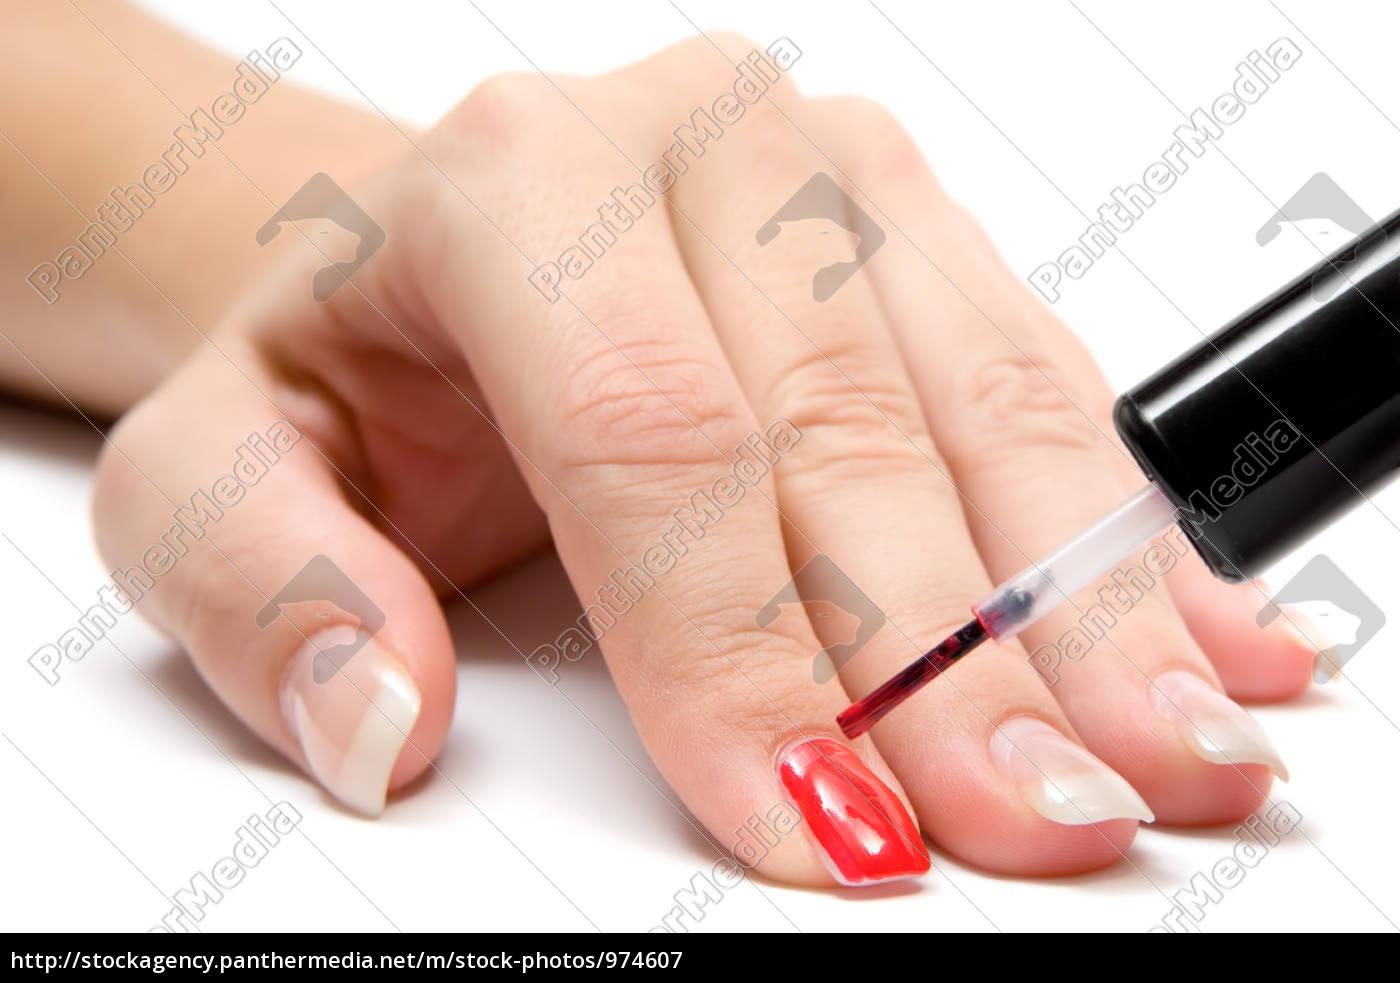 painted, fingernails - 974607